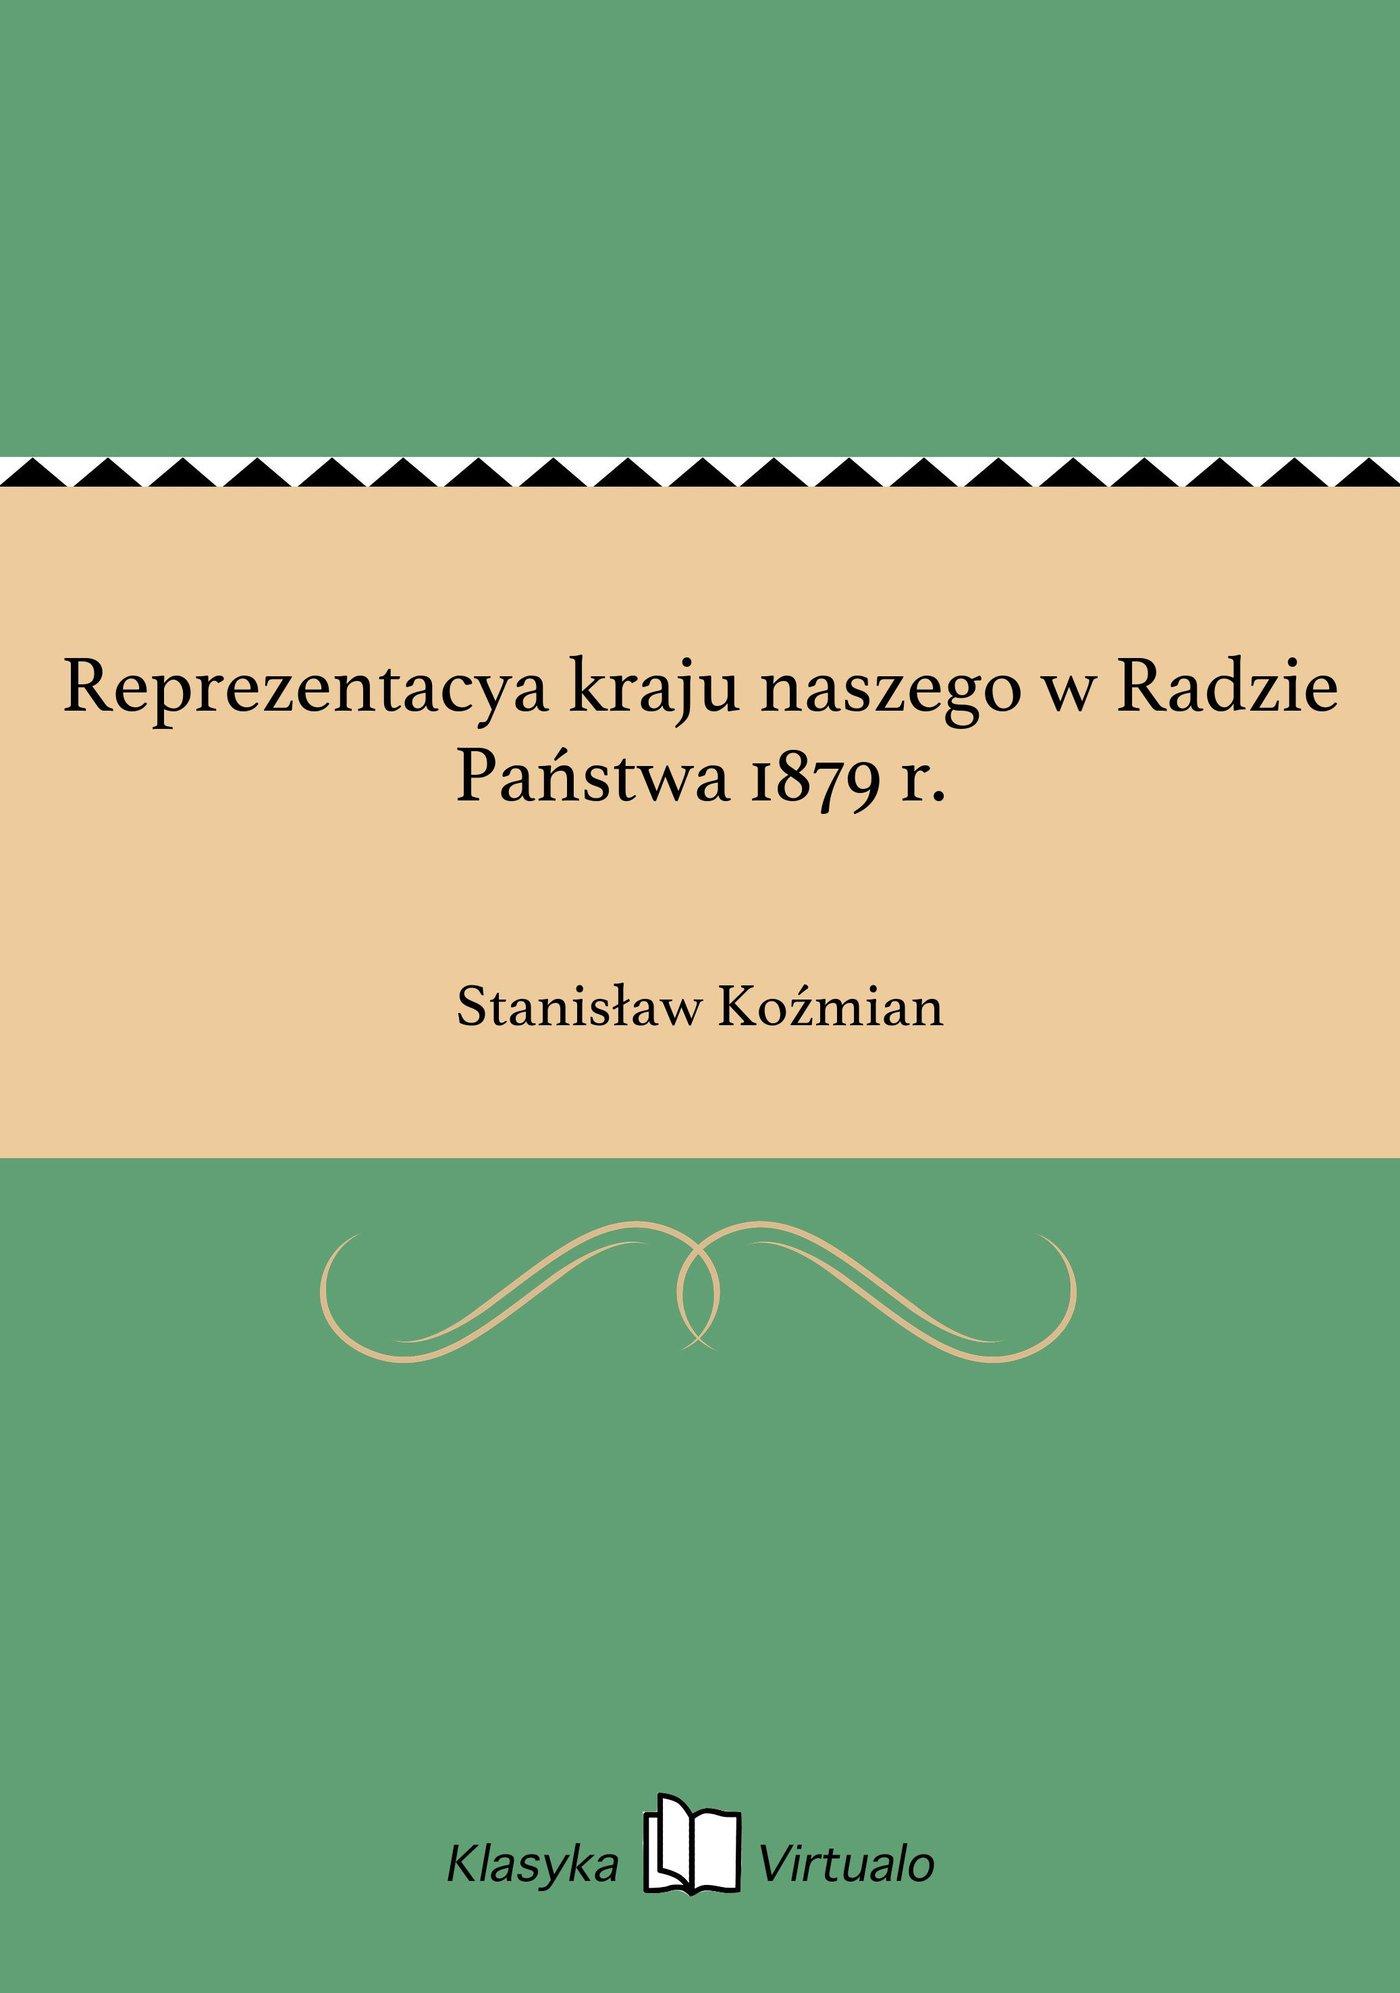 Reprezentacya kraju naszego w Radzie Państwa 1879 r. - Ebook (Książka na Kindle) do pobrania w formacie MOBI